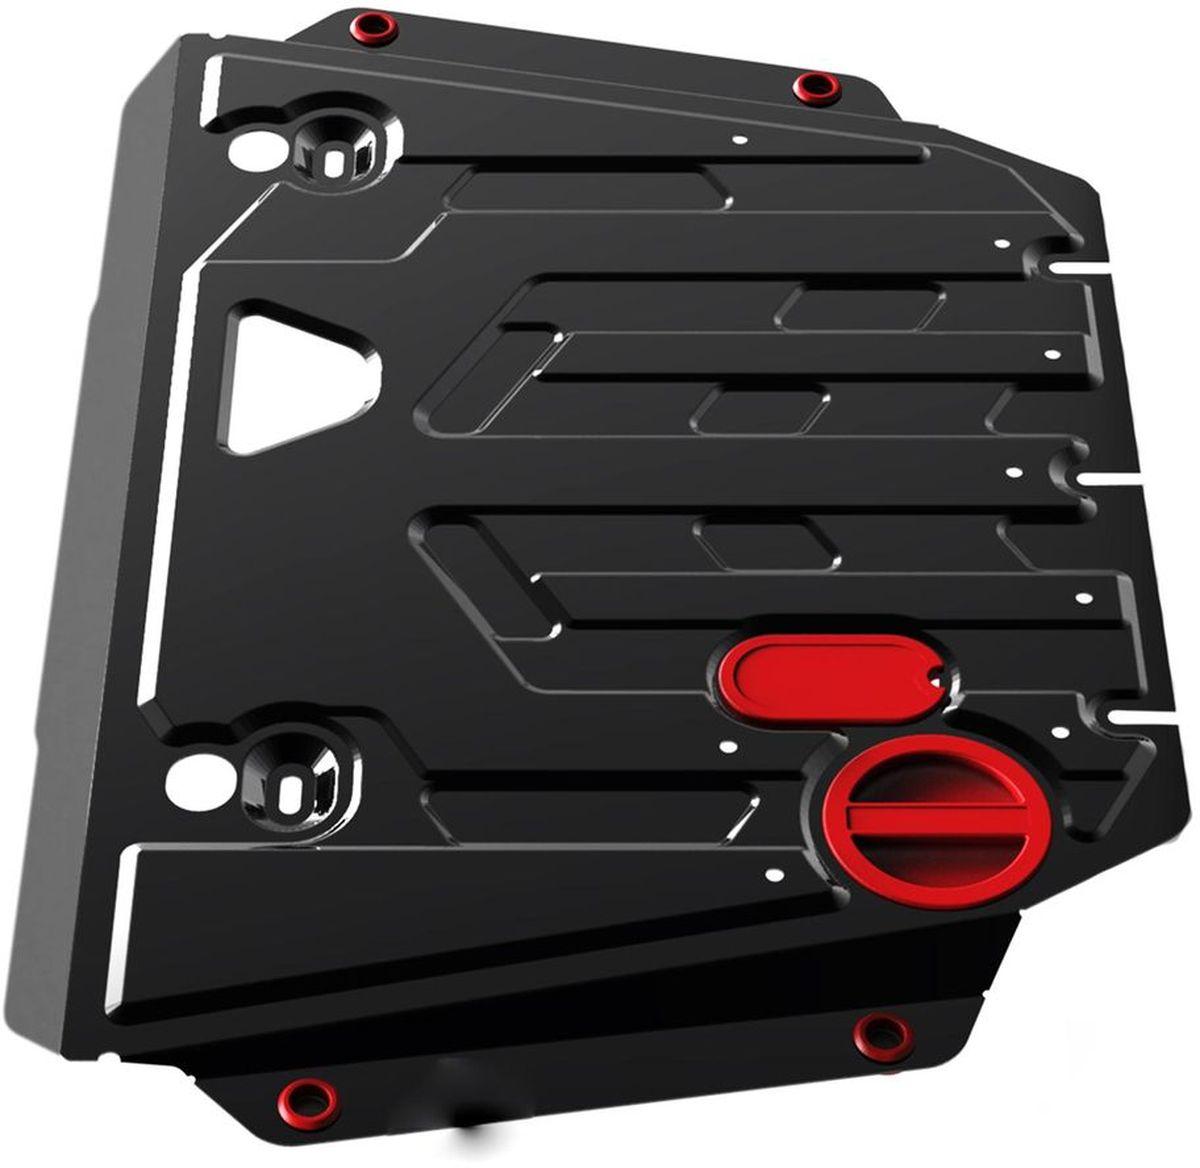 Защита картера и КПП Автоброня, для Chevrolet Cruze V - 1,6; 1,8 (2009-) /Opel Astra J, V - все (2010-11)1004900000360Технологически совершенный продукт за невысокую стоимость.Защита разработана с учетом особенностей днища автомобиля, что позволяет сохранить дорожный просвет с минимальным изменением.Защита устанавливается в штатные места кузова автомобиля. Глубокий штамп обеспечивает до двух раз больше жесткости в сравнении с обычной защитой той же толщины. Проштампованные ребра жесткости препятствуют деформации защиты при ударах.Тепловой зазор и вентиляционные отверстия обеспечивают сохранение температурного режима двигателя в норме. Скрытый крепеж предотвращает срыв крепежных элементов при наезде на препятствие.Шумопоглощающие резиновые элементы обеспечивают комфортную езду без вибраций и скрежета металла, а съемные лючки для слива масла и замены фильтра - экономию средств и время.Конструкция изделия не влияет на пассивную безопасность автомобиля (при ударе защита не воздействует на деформационные зоны кузова). Со штатным крепежом. В комплекте инструкция по установке.Толщина стали: 2 мм.Уважаемые клиенты!Обращаем ваше внимание, что элемент защиты имеет форму, соответствующую модели данного автомобиля. Фото служит для визуального восприятия товара и может отличаться от фактического.